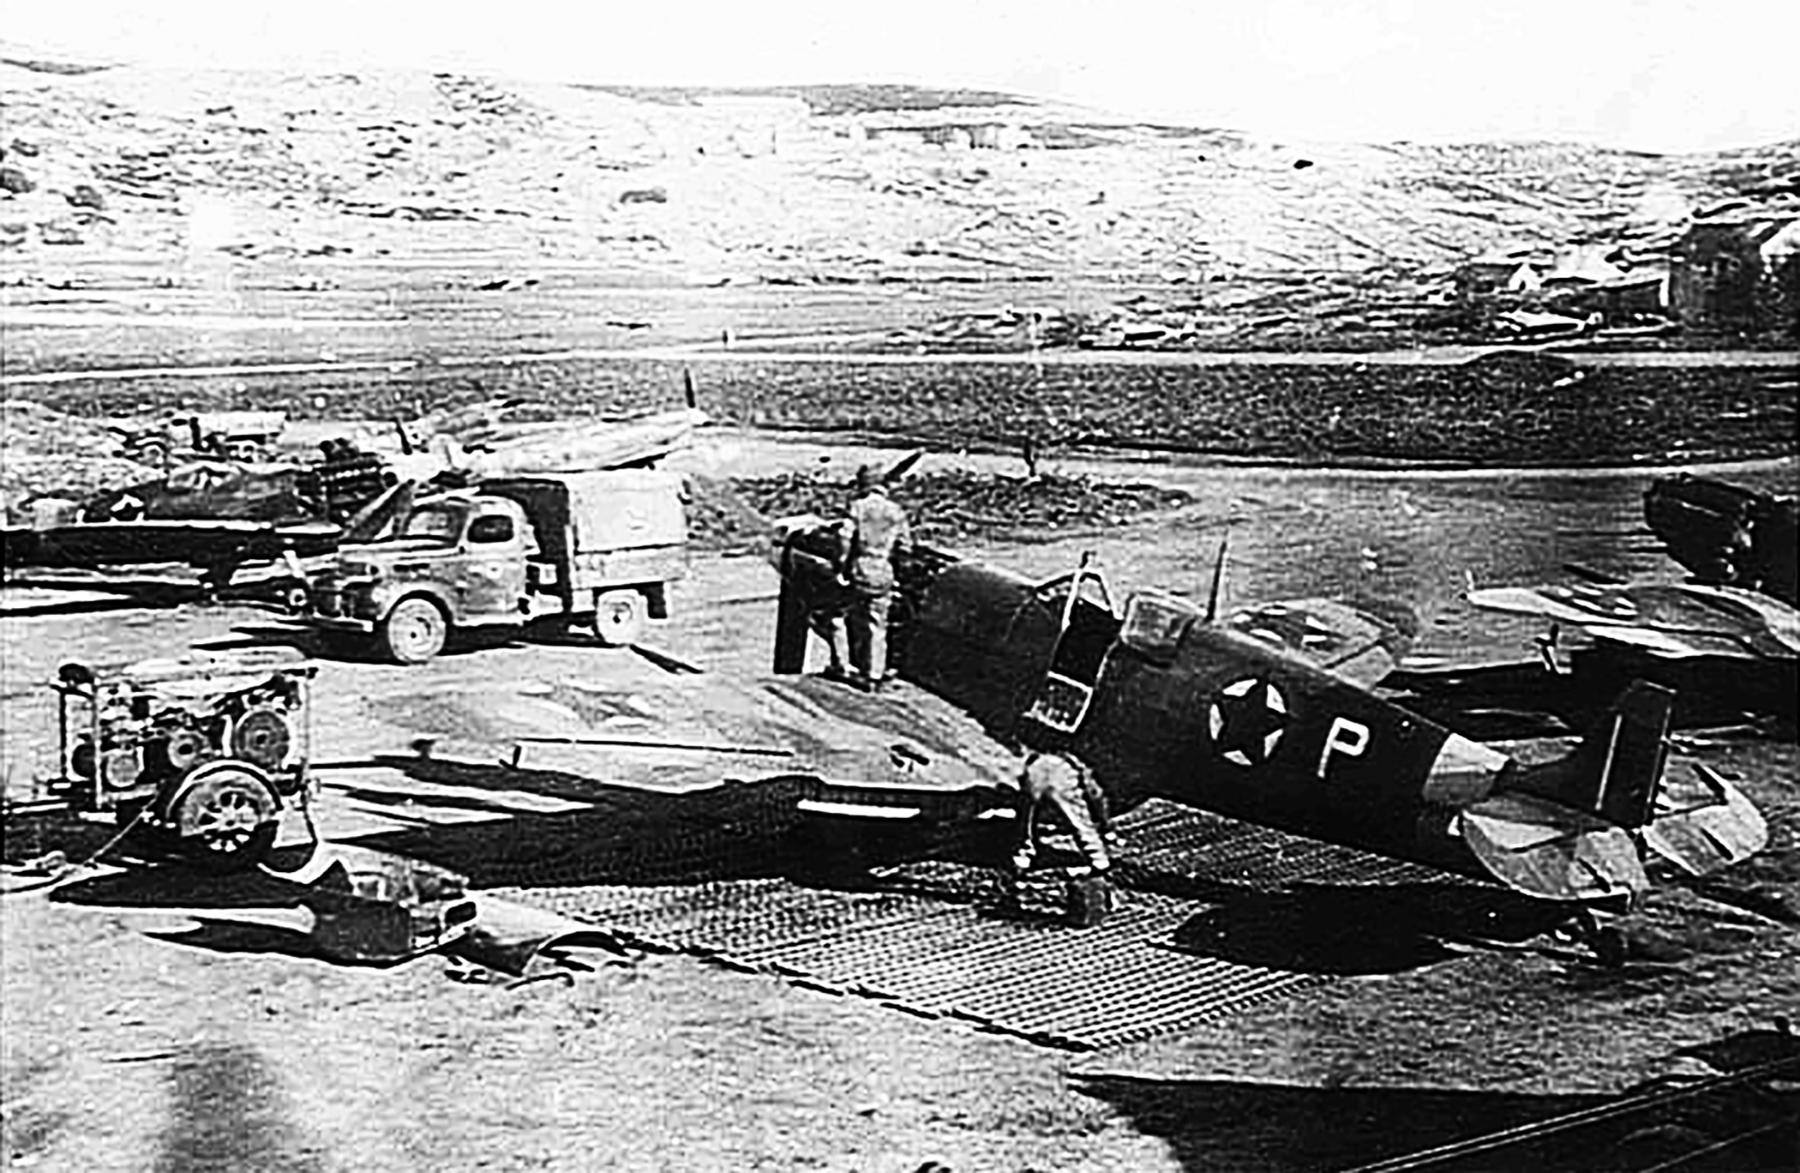 Spitfire MkVcTrop RAF 352Sqn P Yugoslavia Dec 1944 04